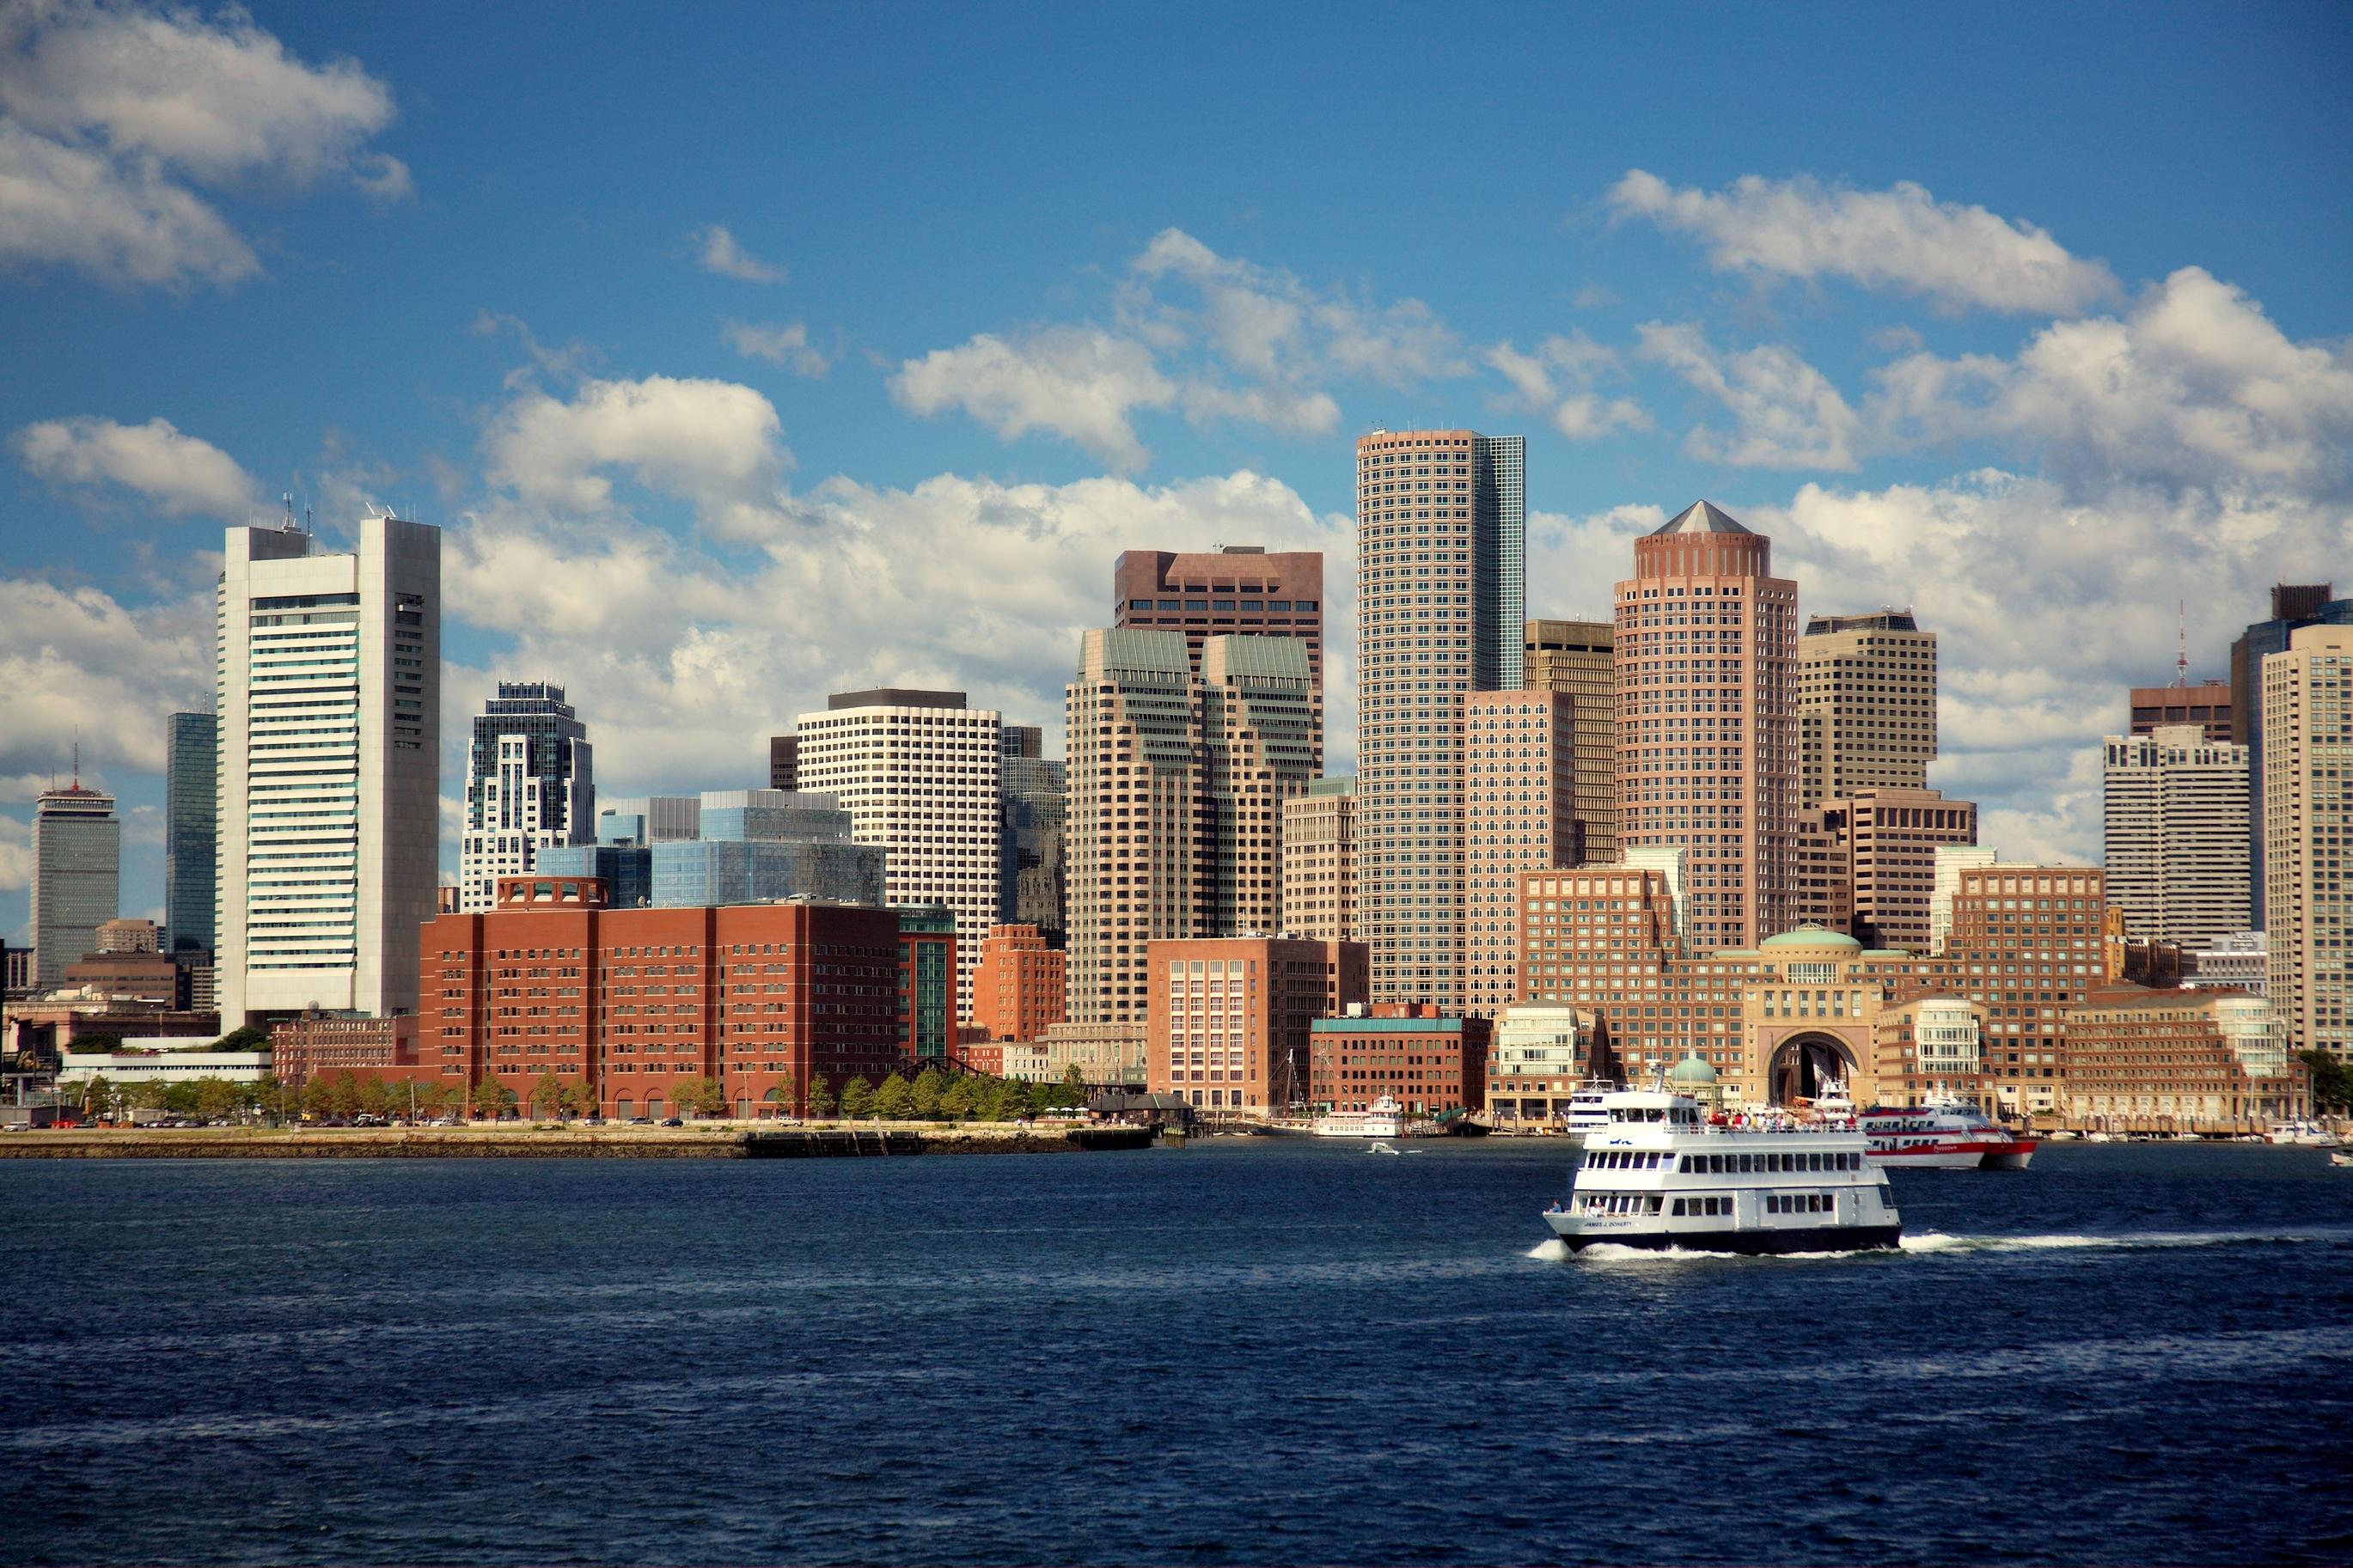 Beste Attraktionen in Boston, MA - tripadvisorde